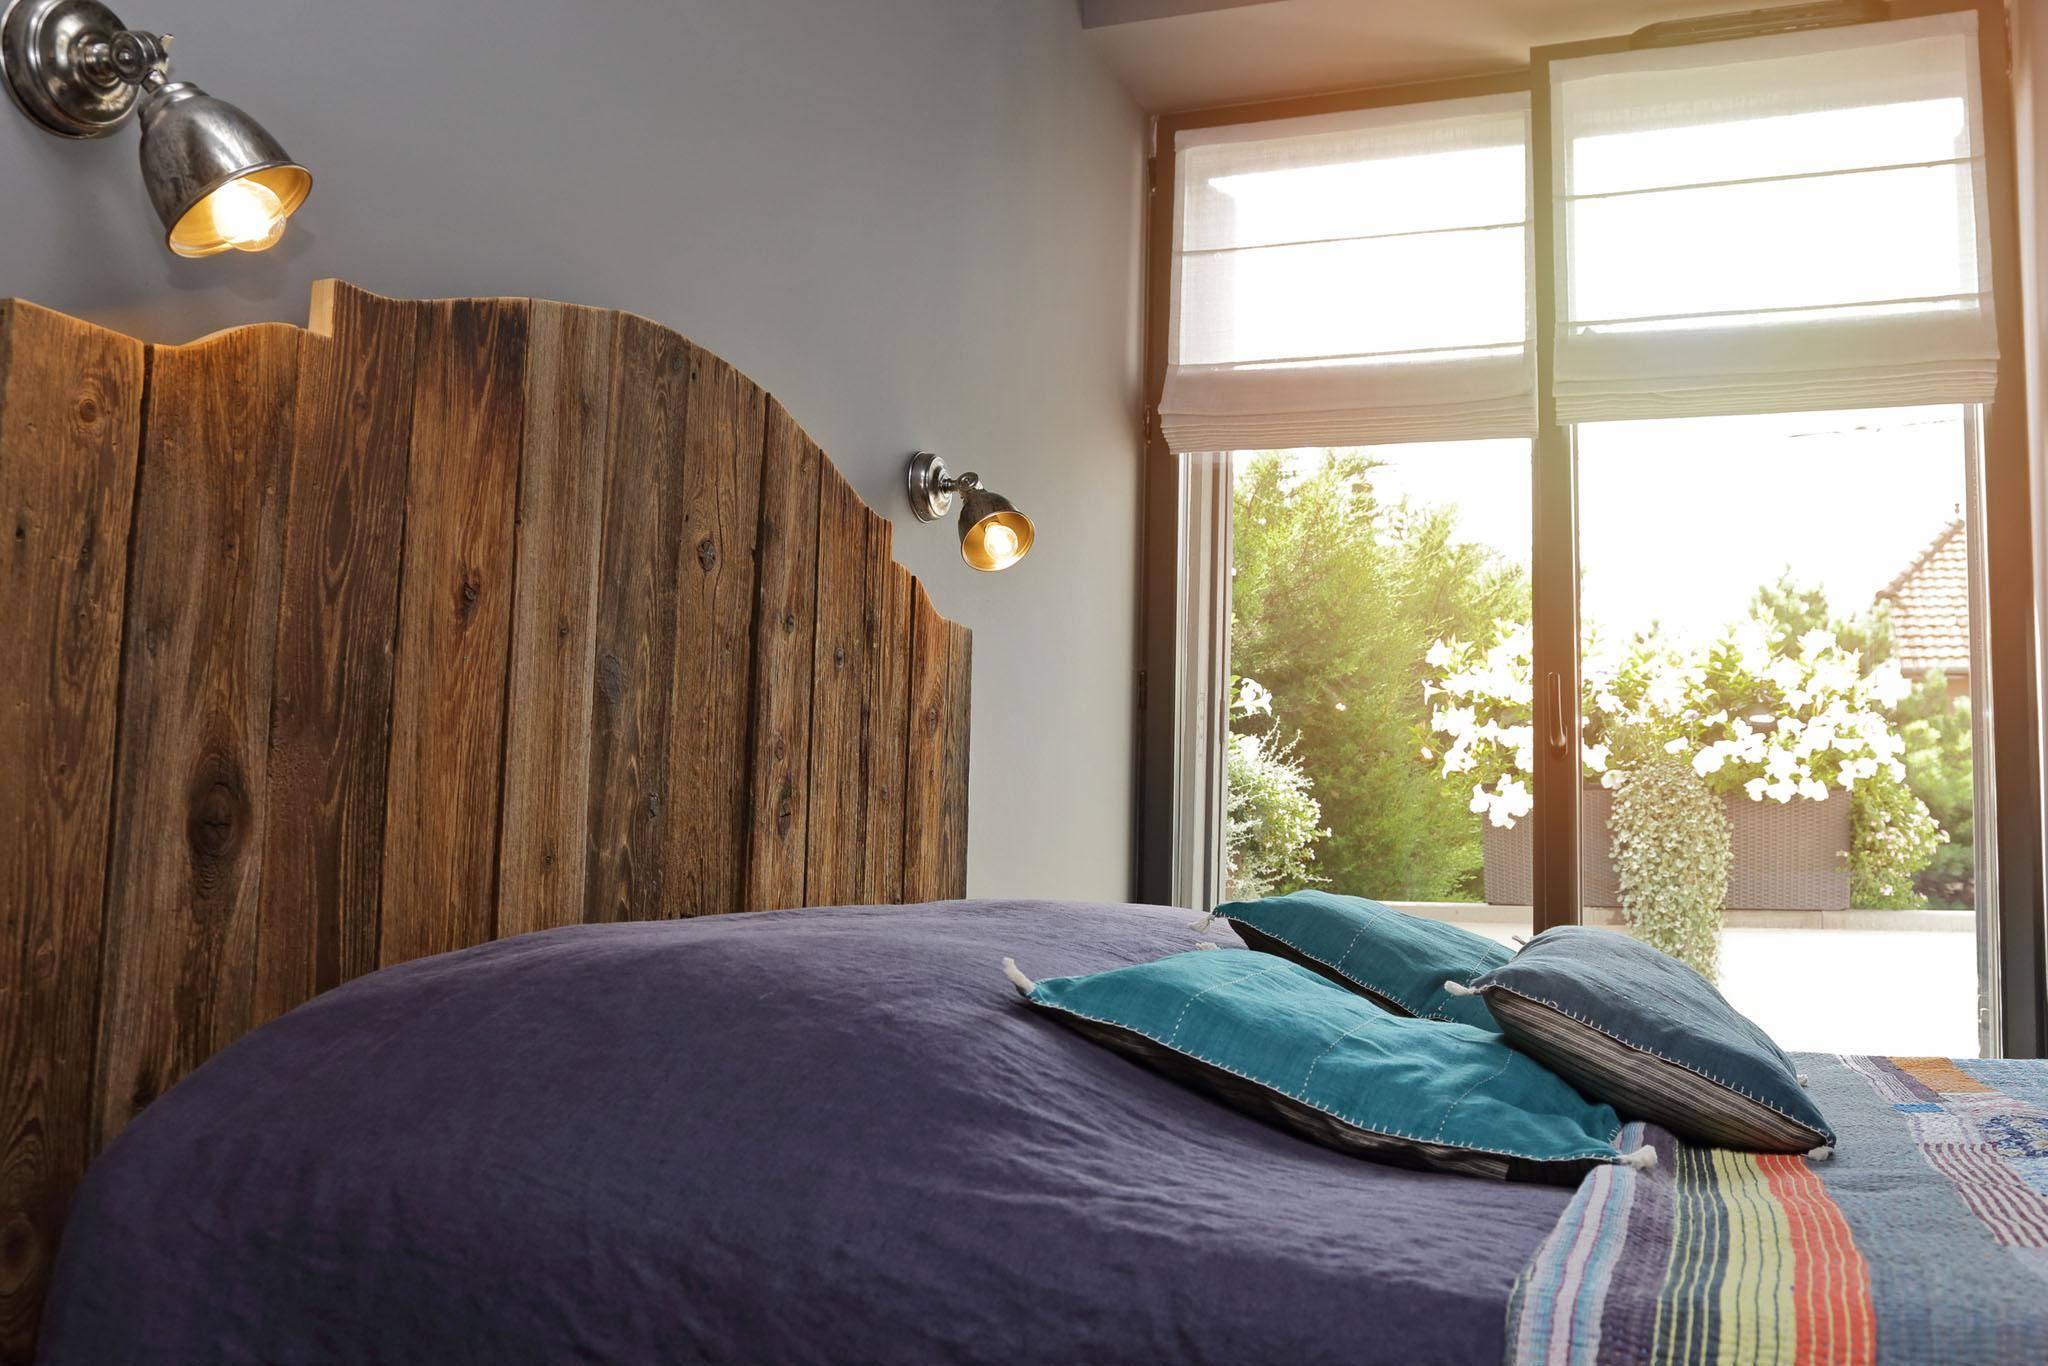 choisir pour une tete de lit